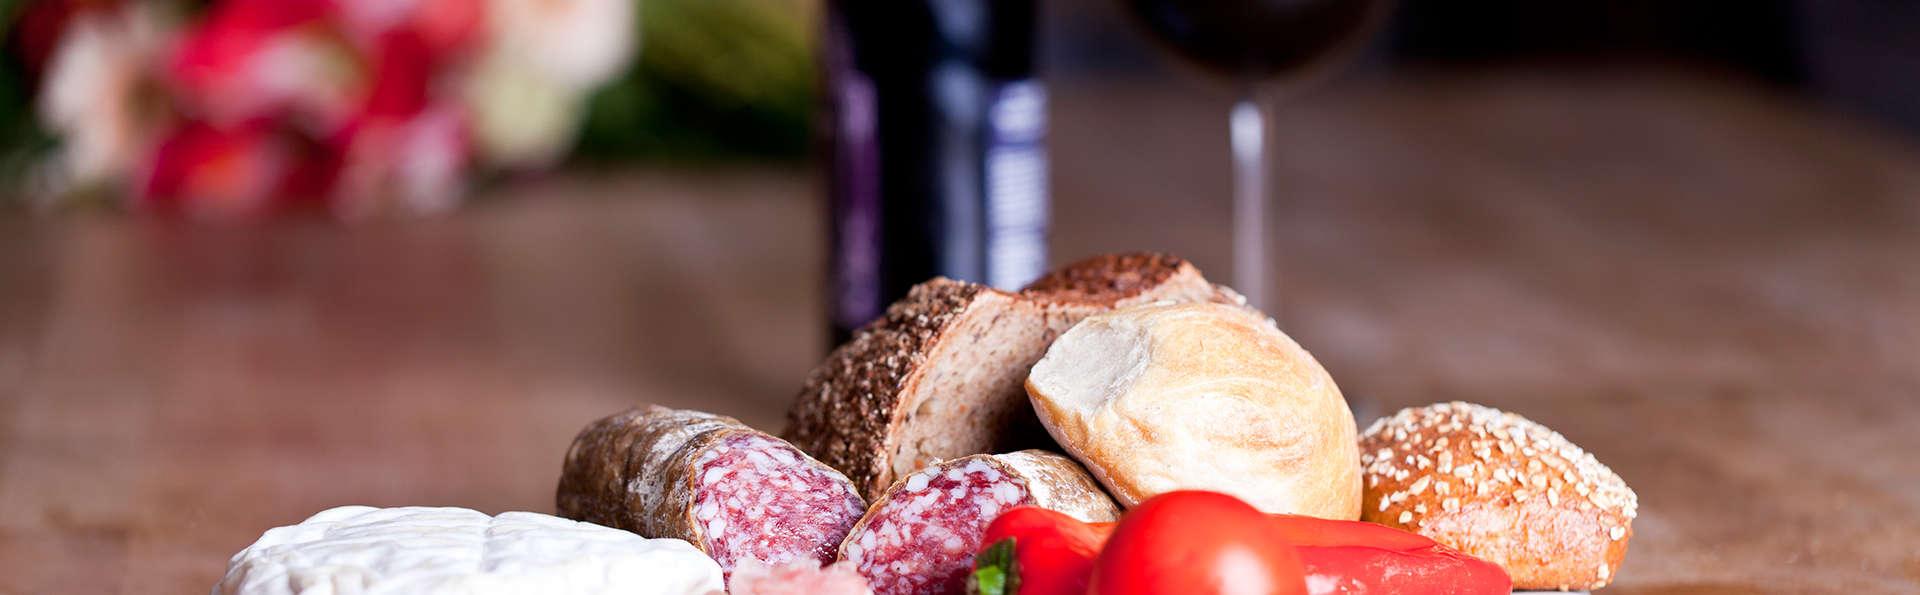 Expérience gourmet, avec chambre dans une superbe auberge située sur les Alpes ligures